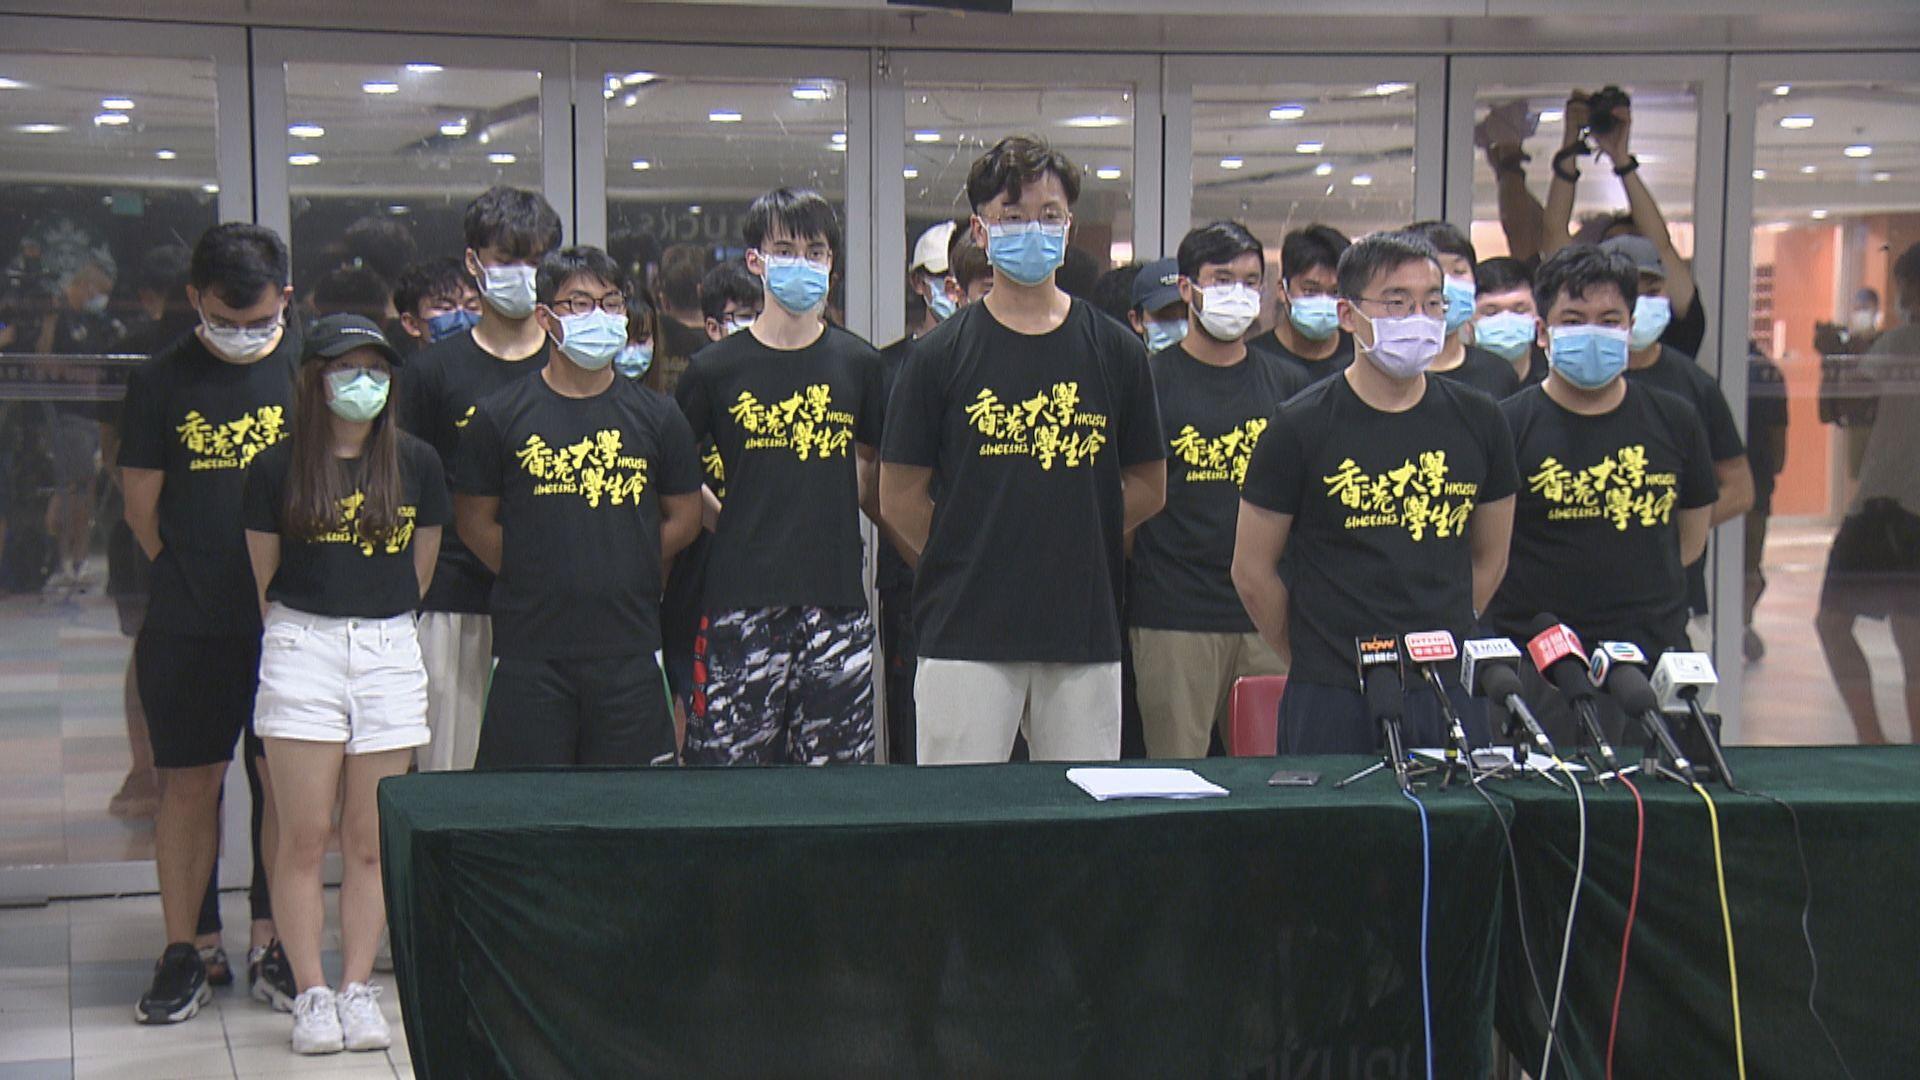 四名港大生被控宣揚恐怖主義罪再提堂